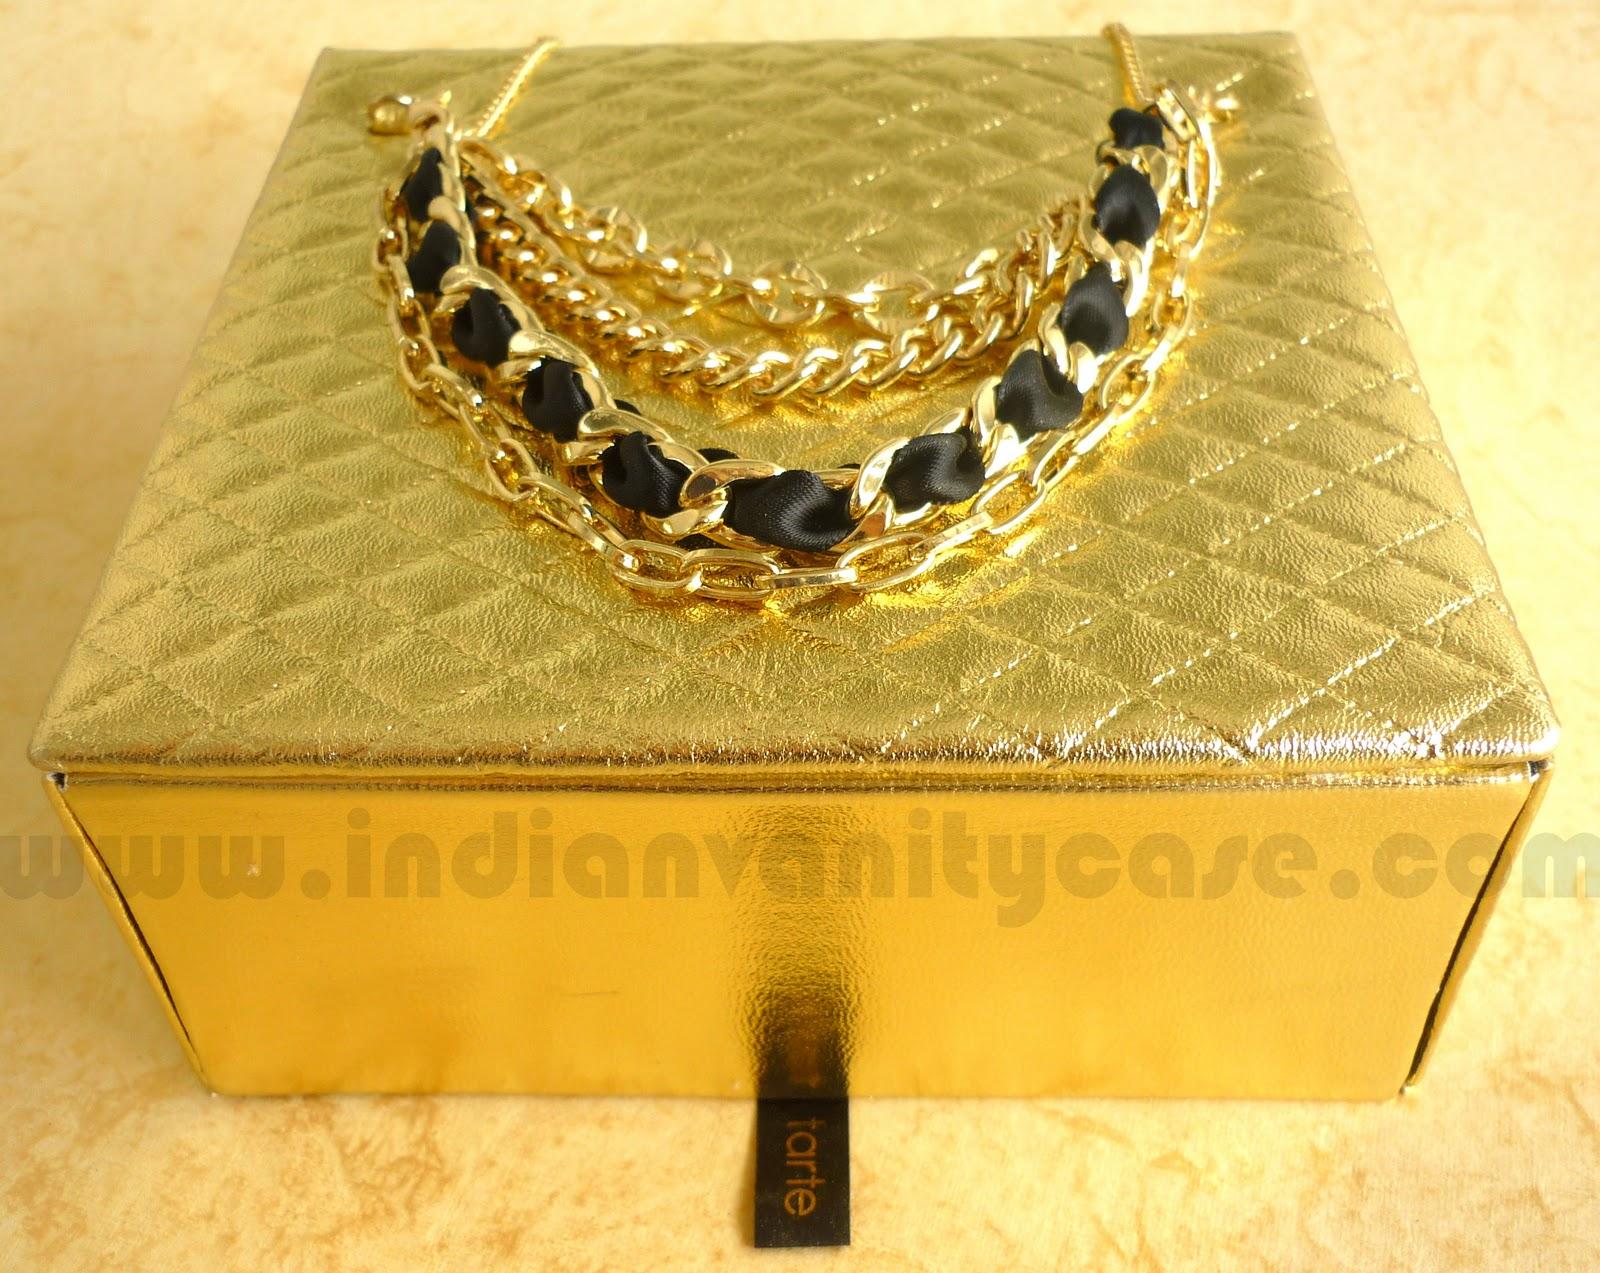 Indian Vanity Case Tarte The Jewelry Box Photos